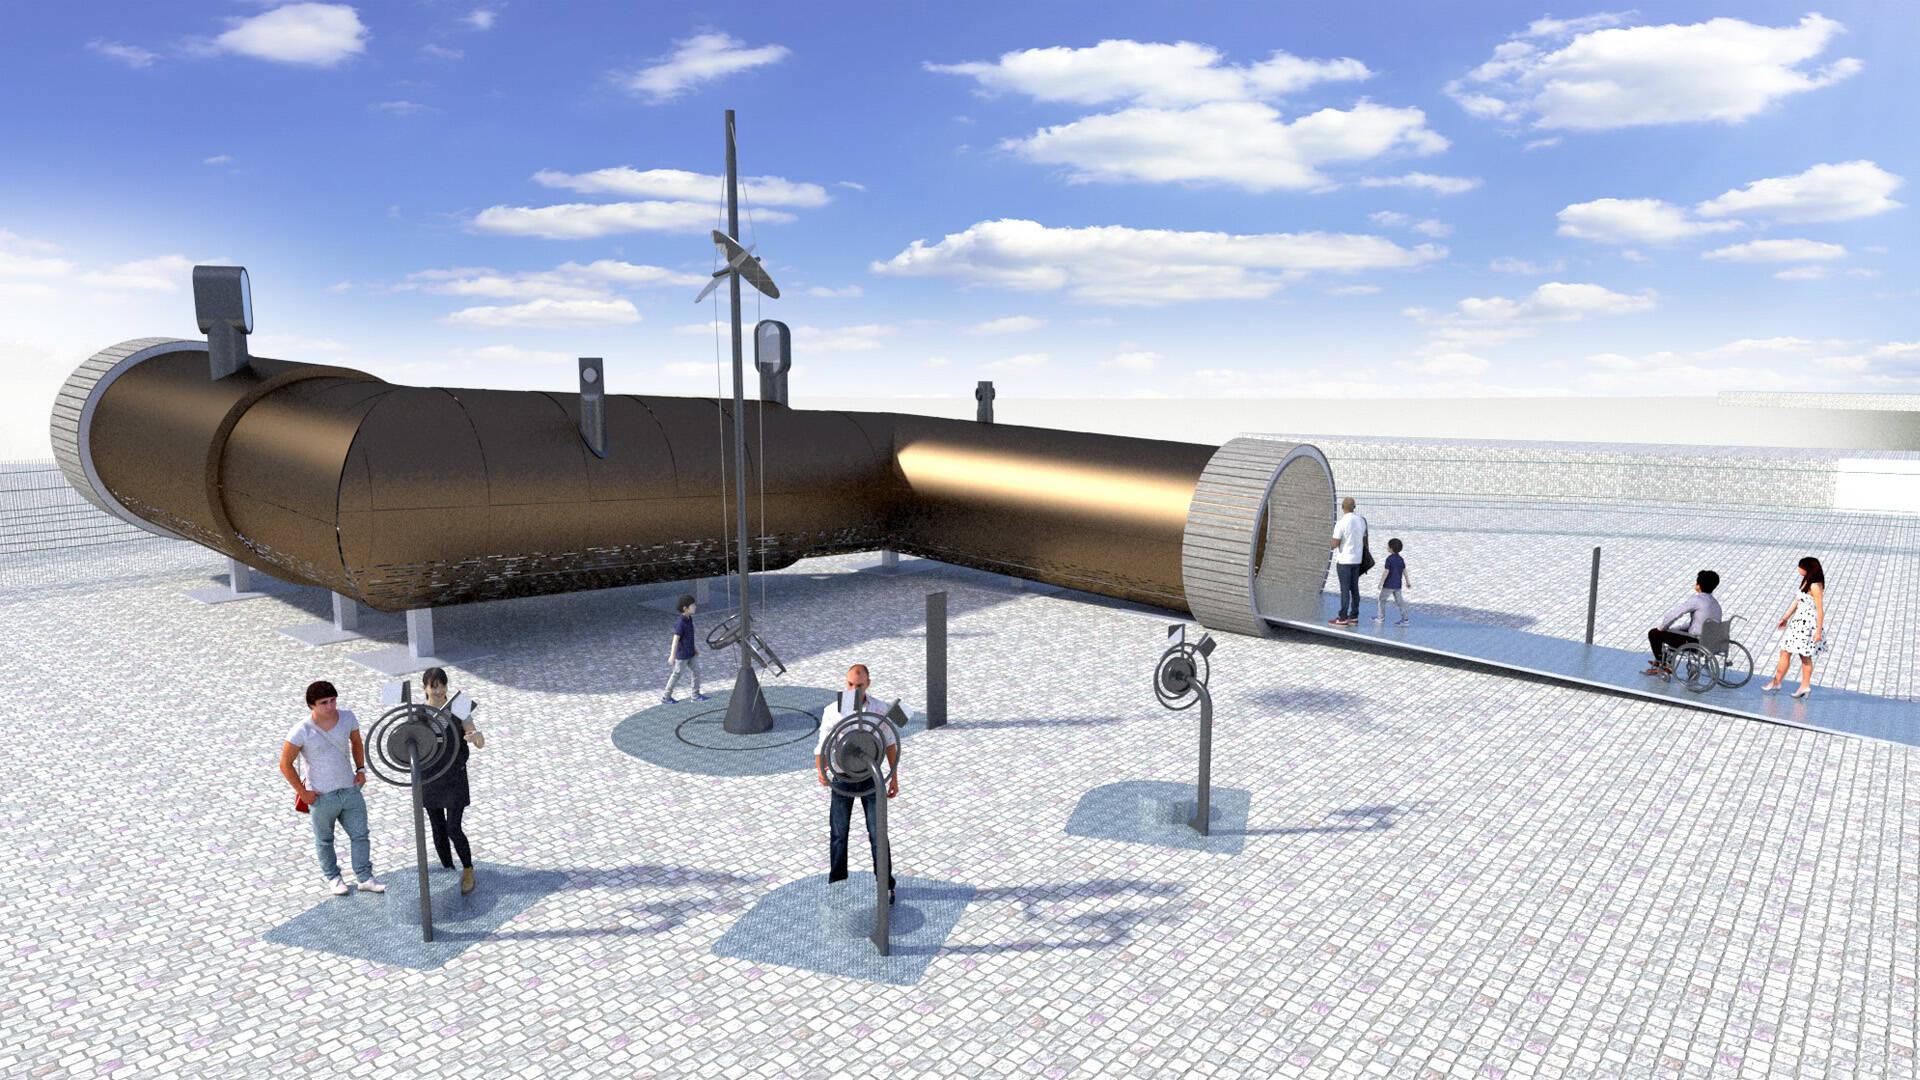 Comprendre, par l'immersion dans une réplique géante, le principe du périscope© CRP Design Global